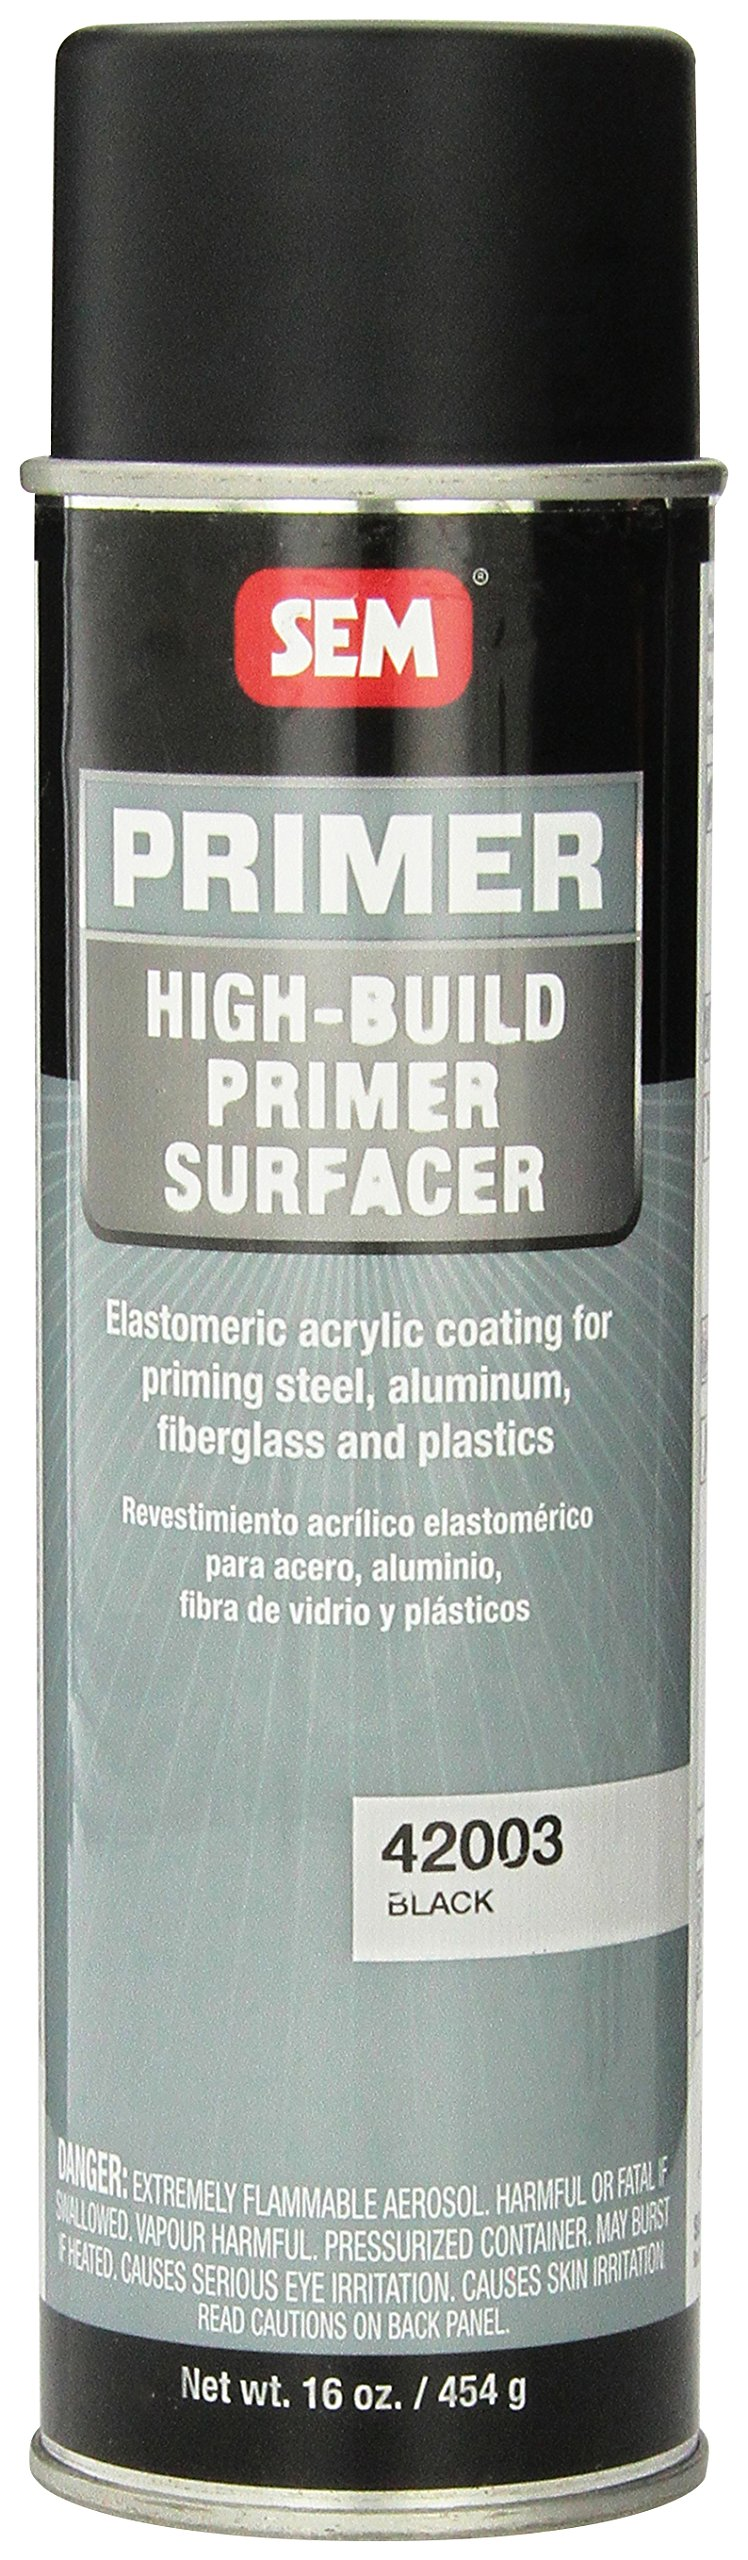 SEM 42003 Black High Build Primer - 16 oz.